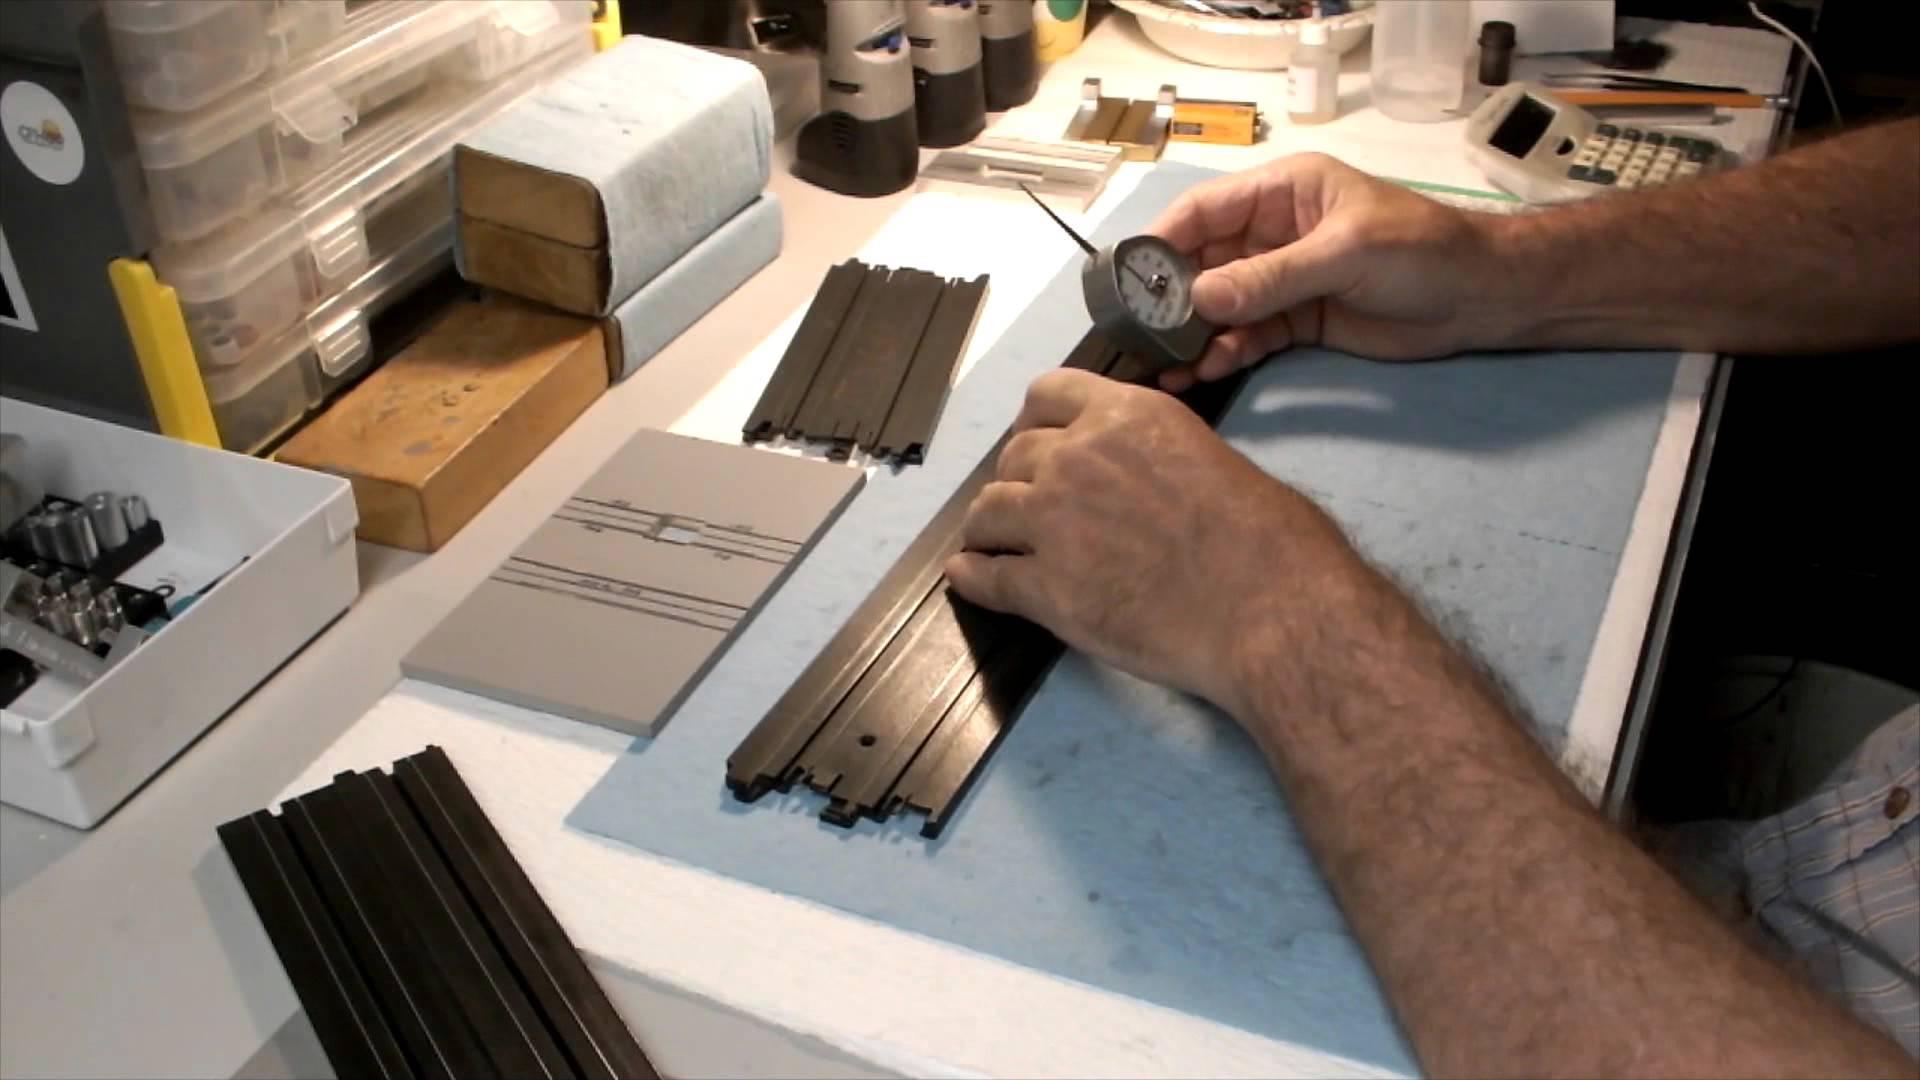 evaluating ho slot car track rails hc slots. Black Bedroom Furniture Sets. Home Design Ideas